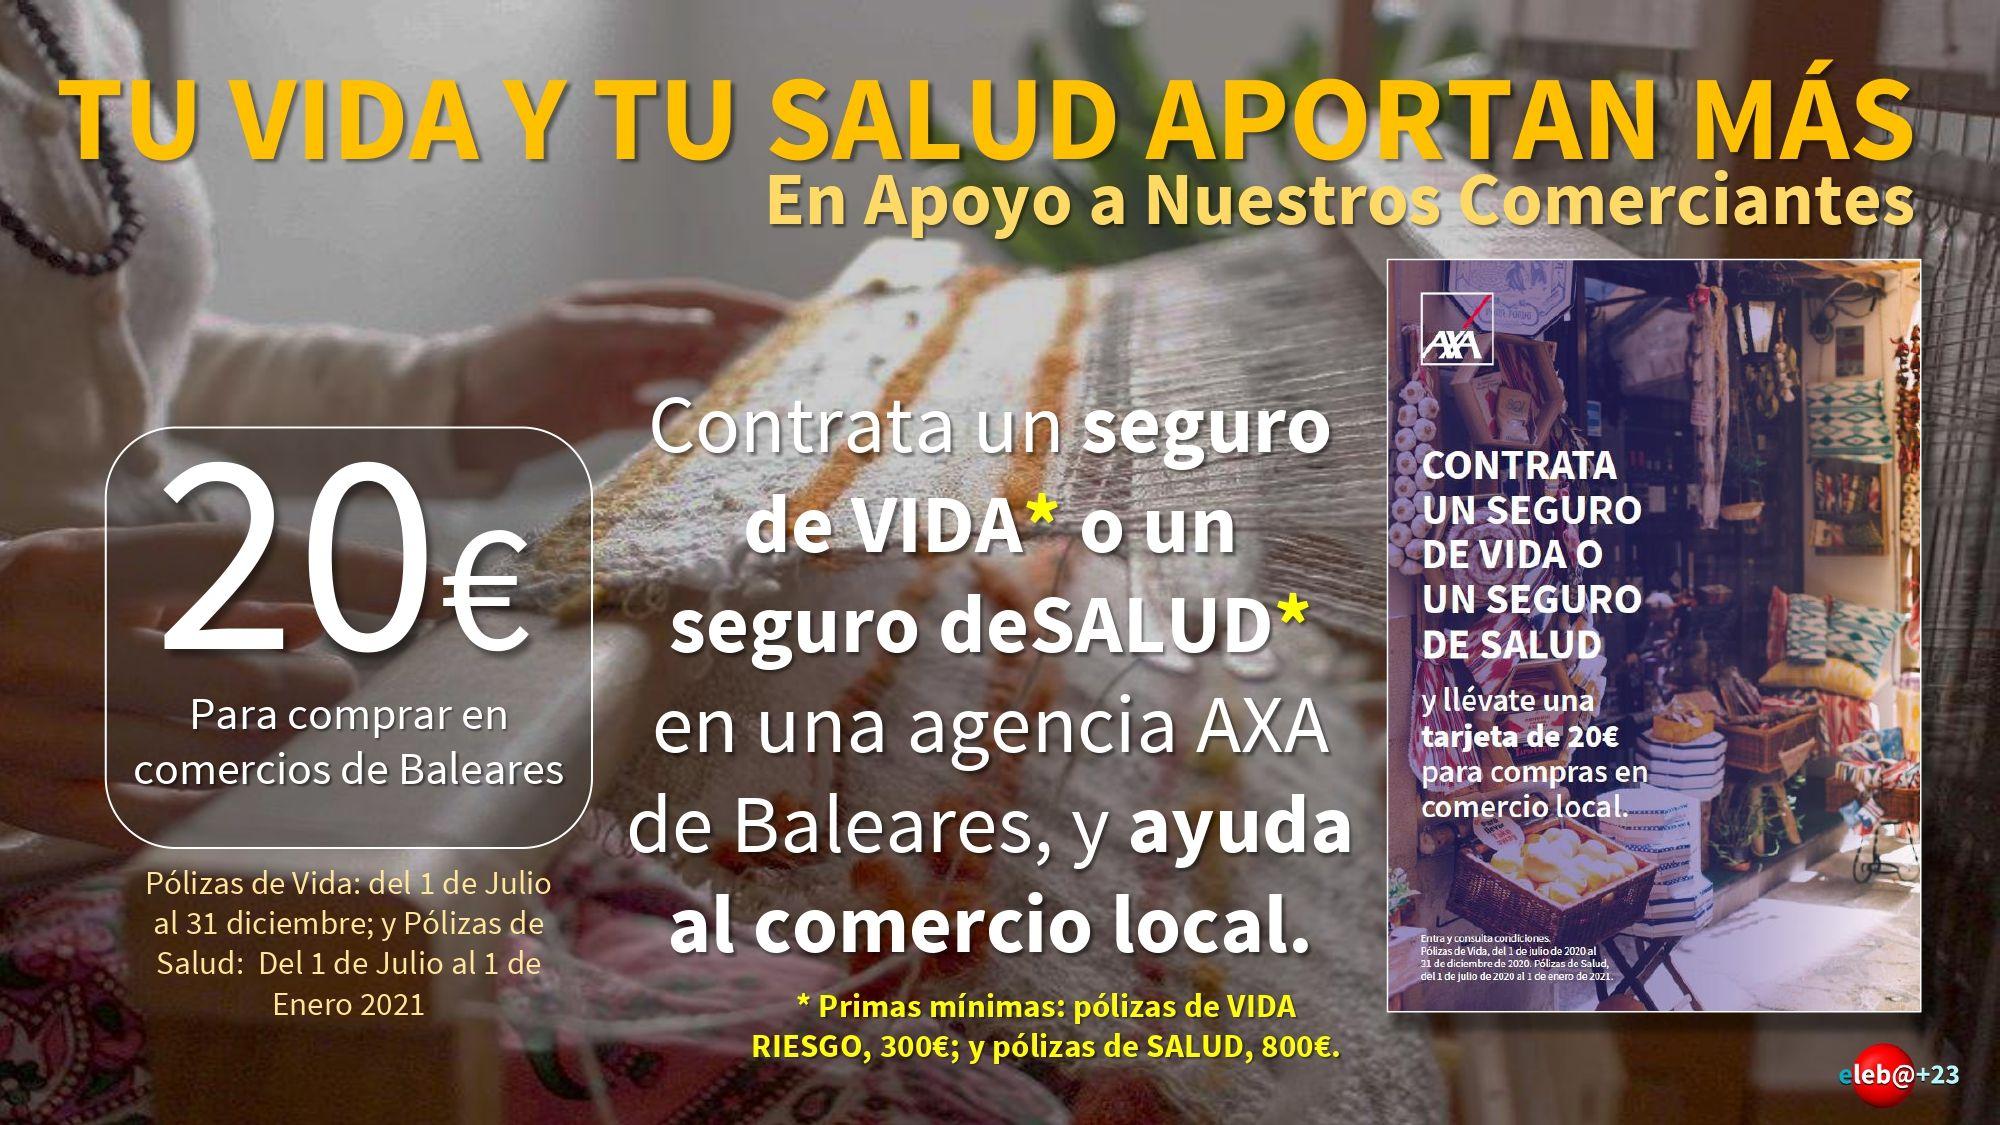 Pólizas de vida y de salud AXA con regalo de 20€ para comprar en negocios locales